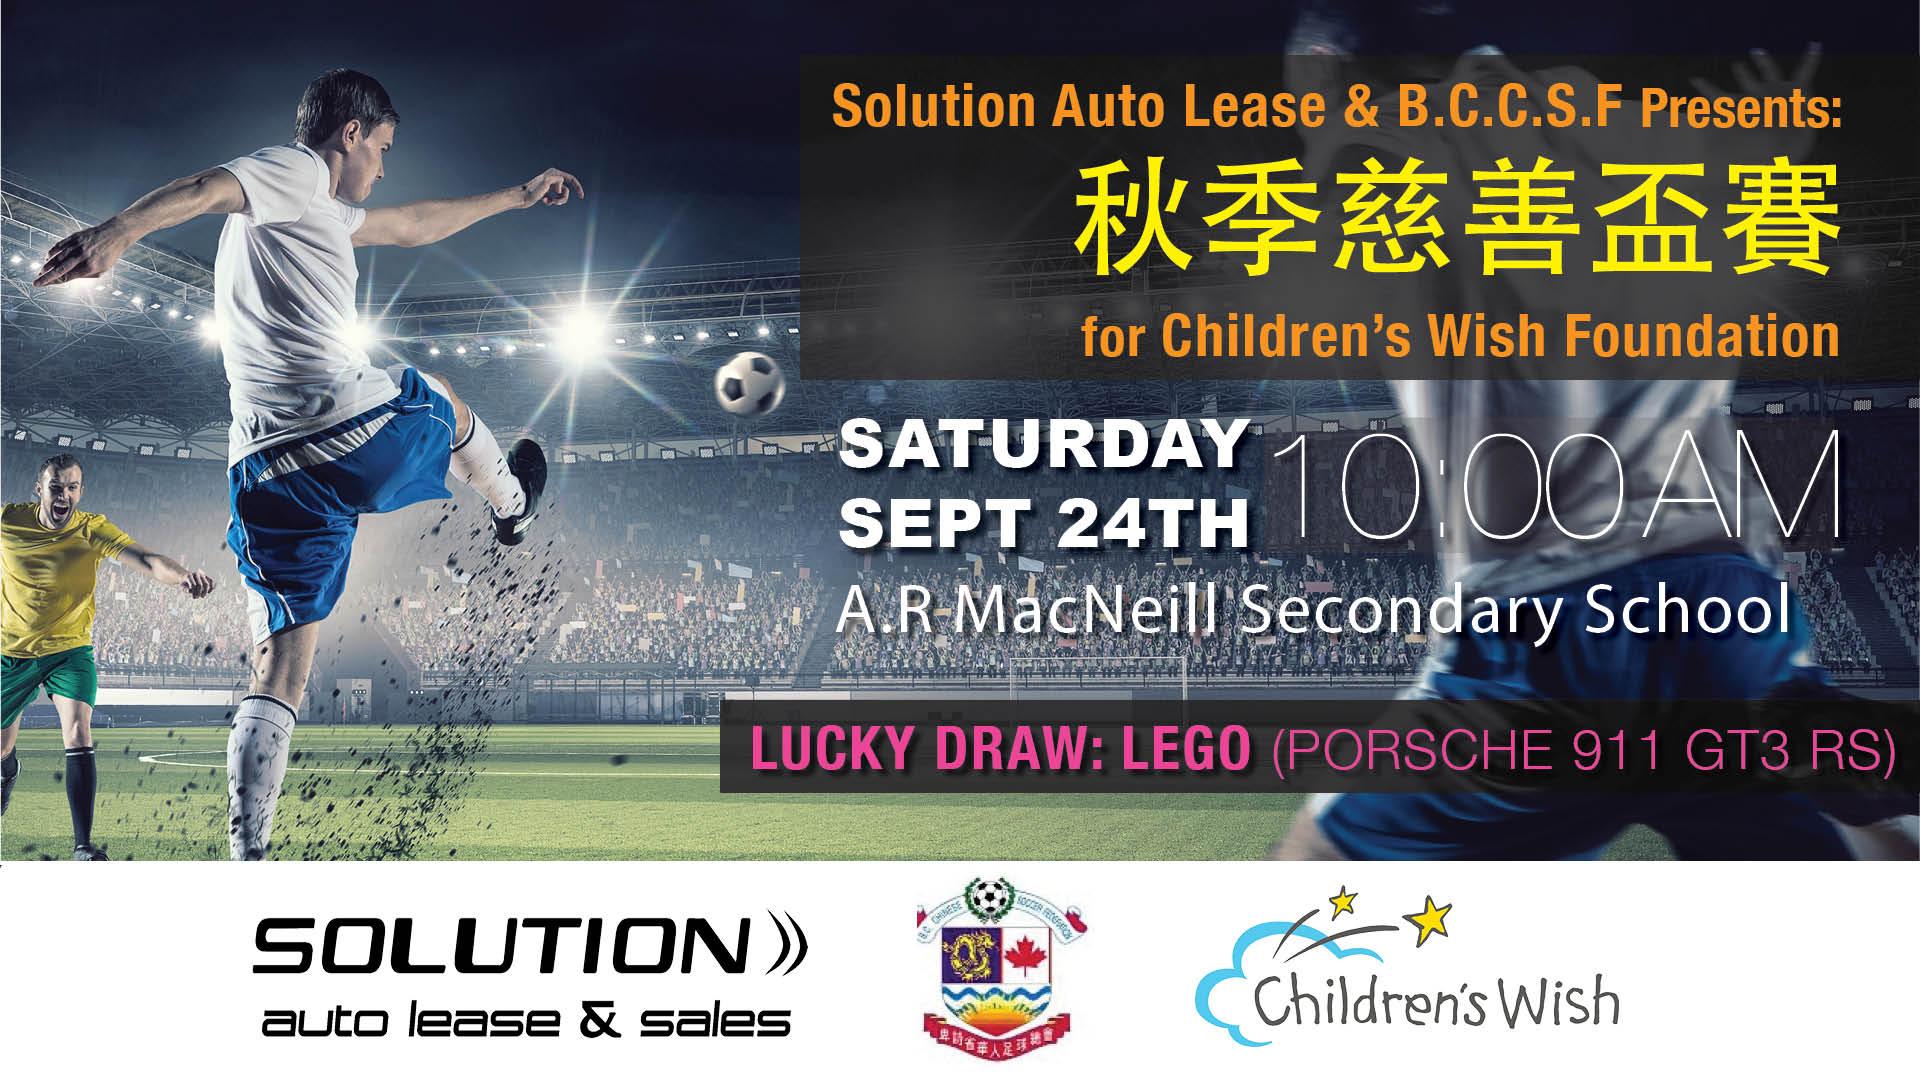 soccer-facebook-ads-2